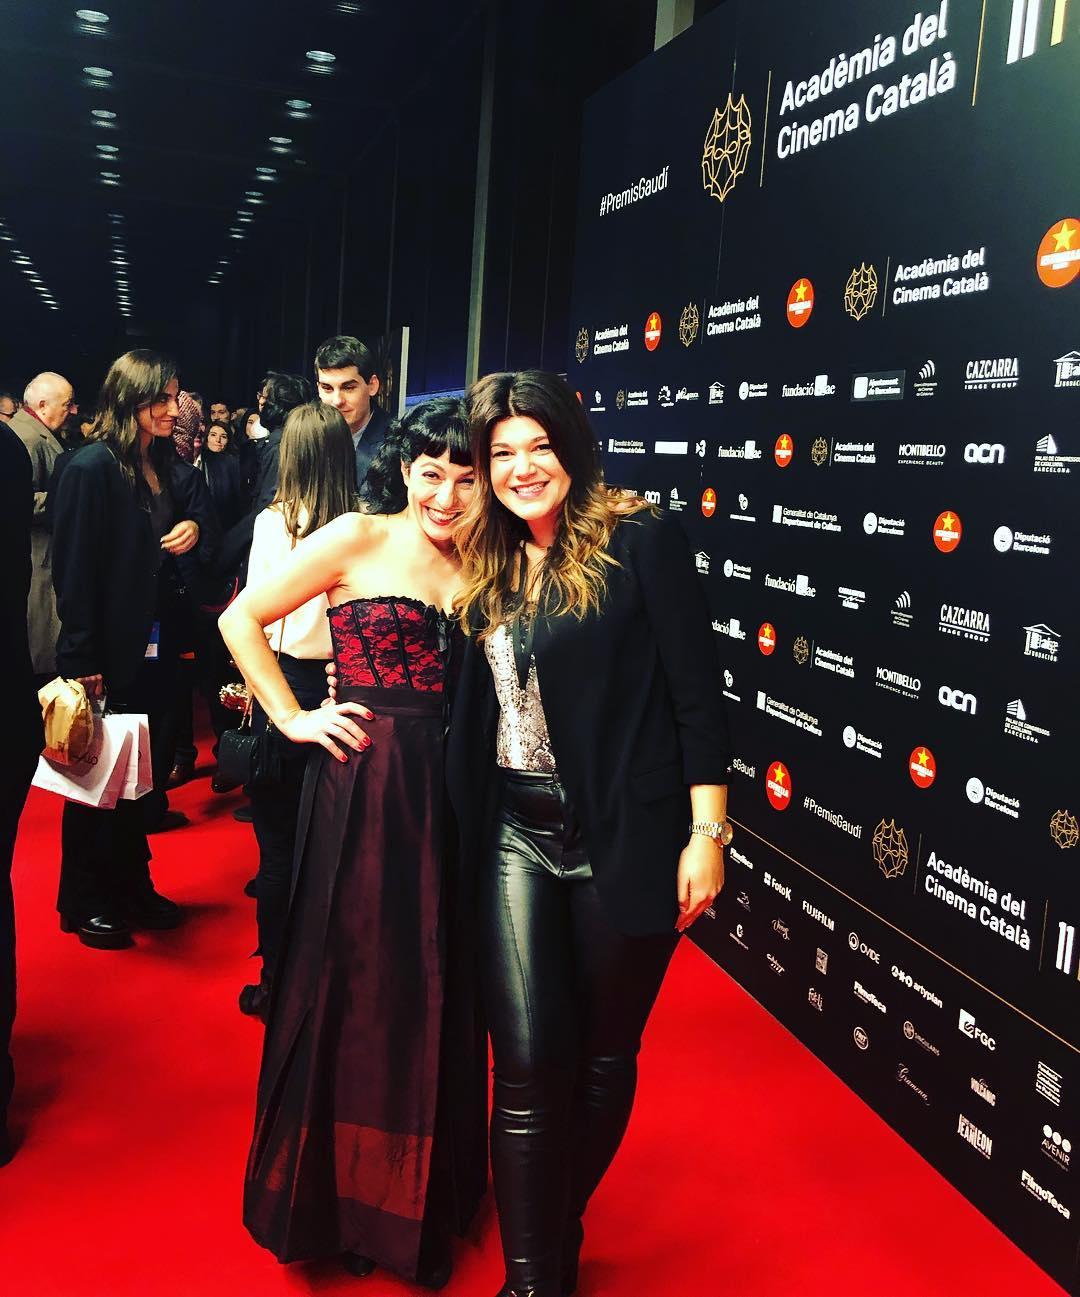 Premis Gaudí 2019 a IB3